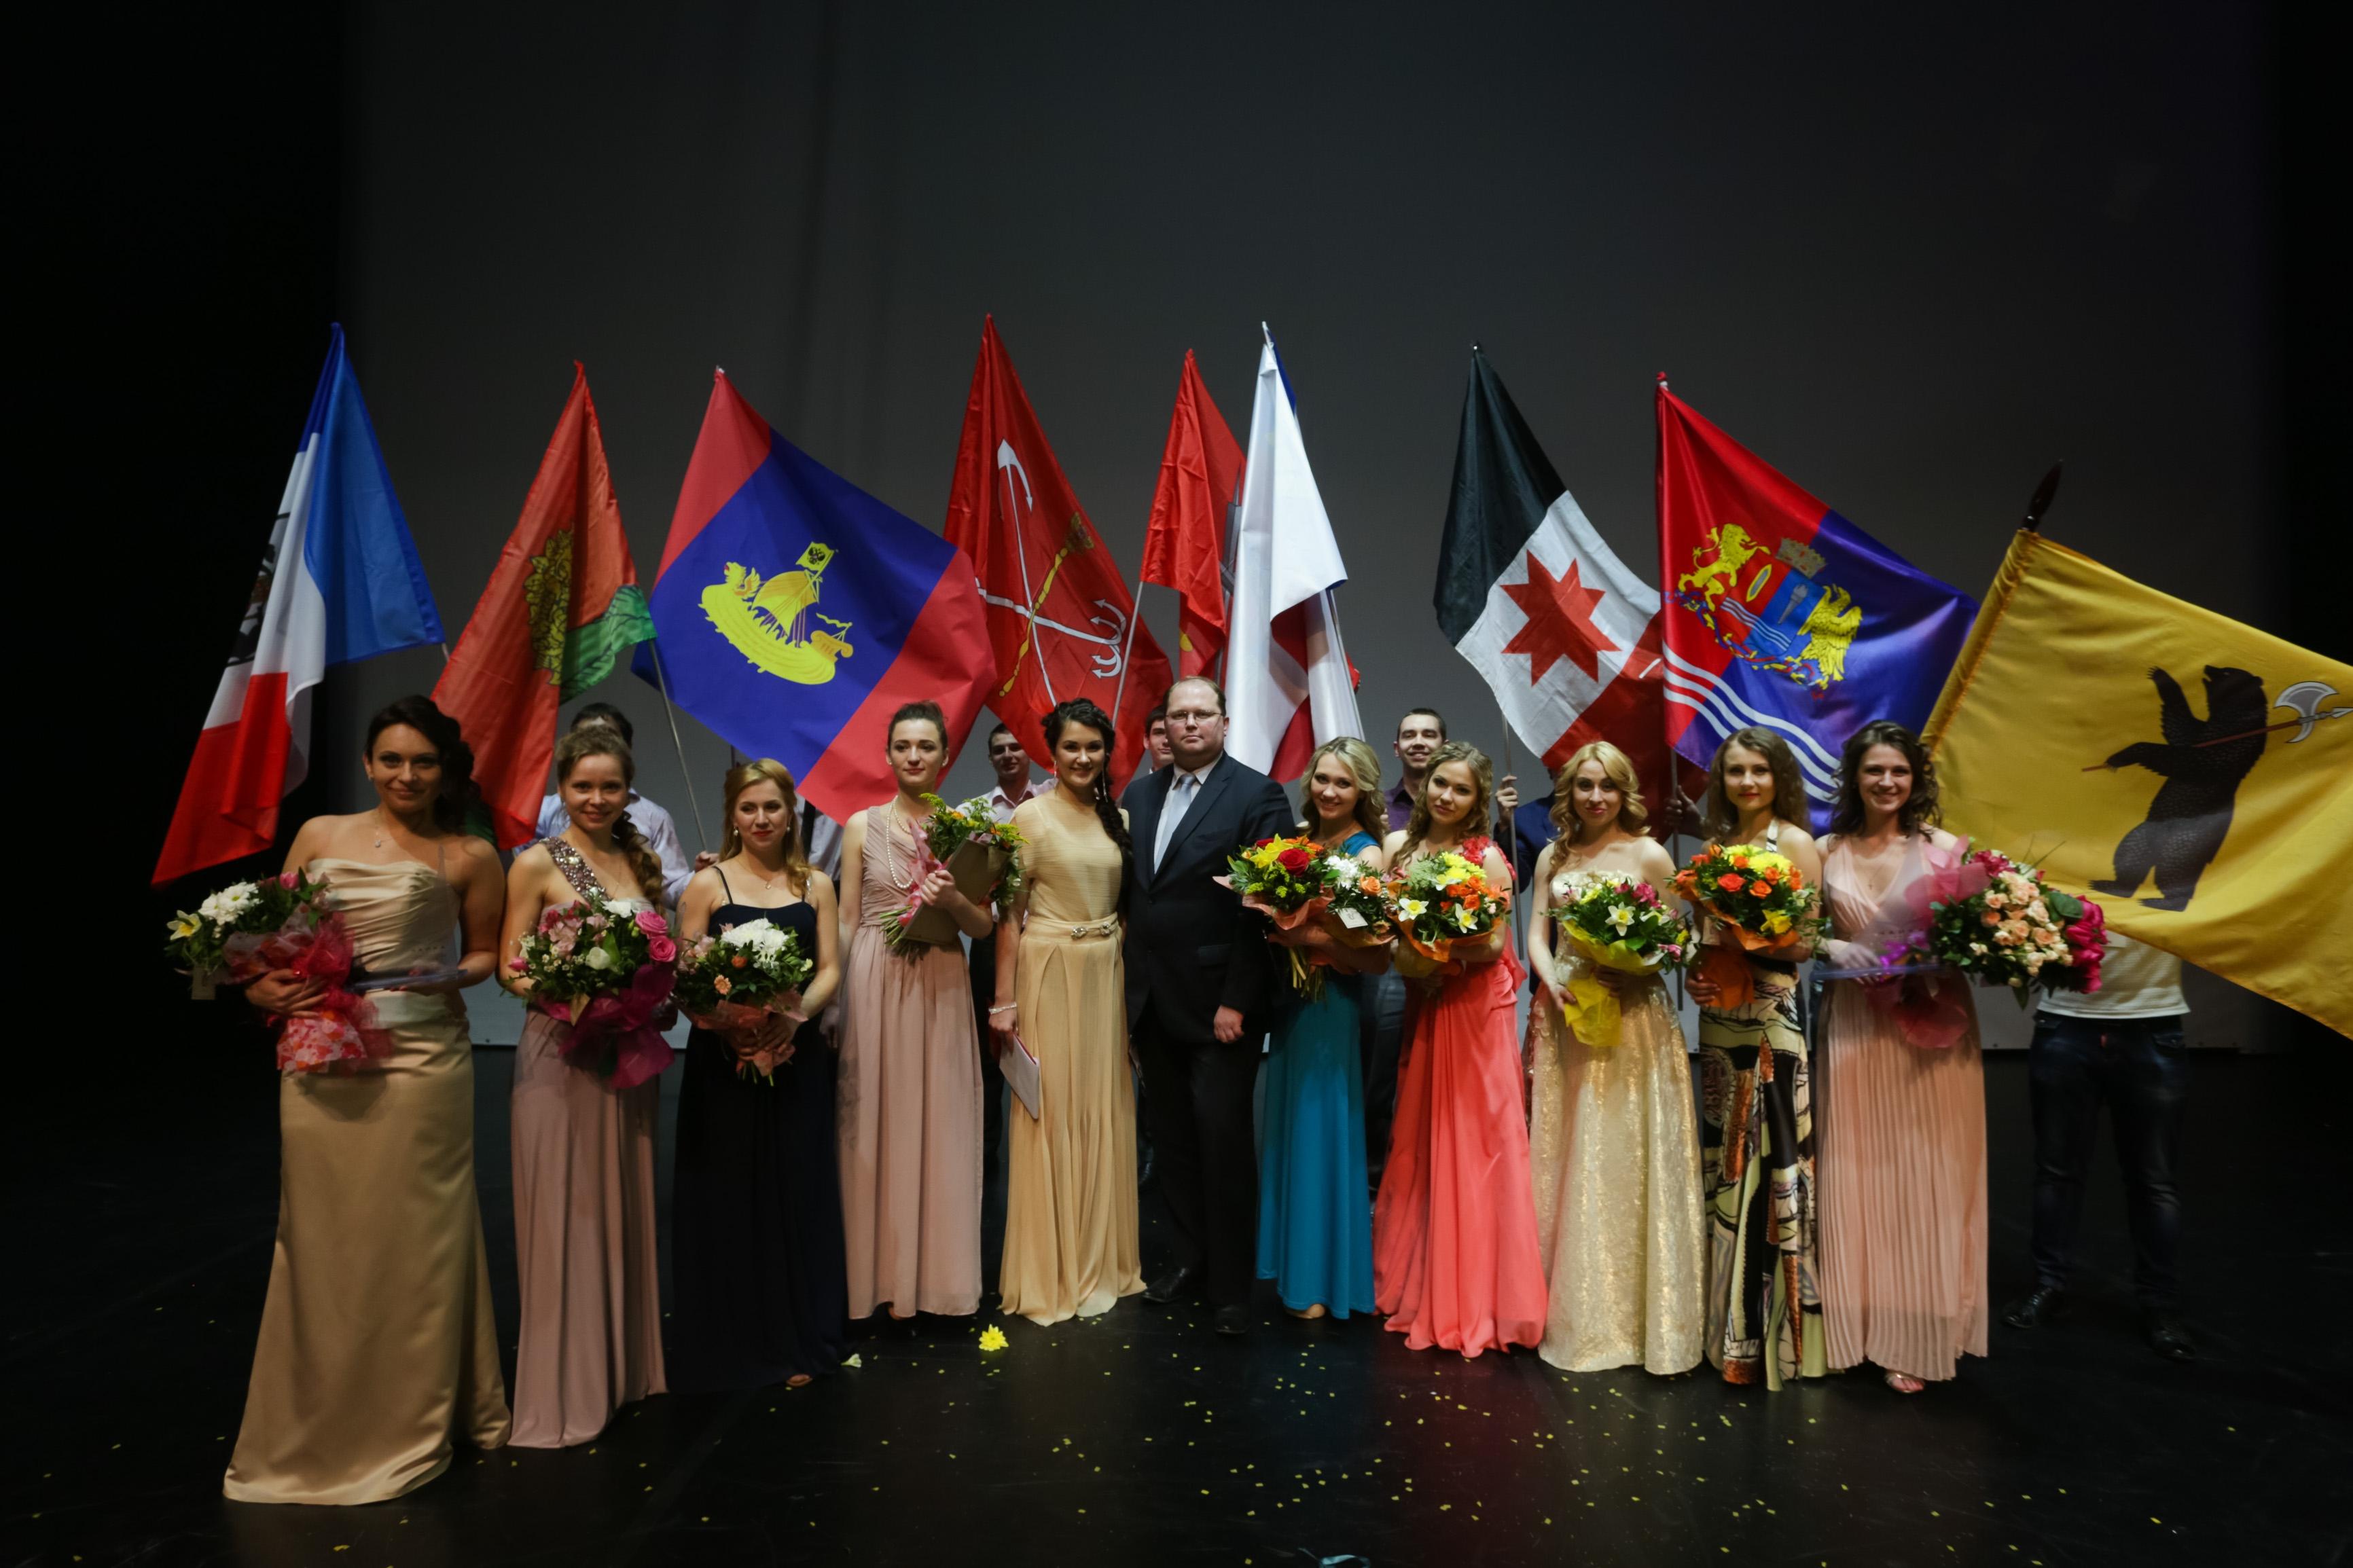 Всероссийский конкурс «Чайка». 25 ноября 2016 года в Ярославль приедут самые достойные молодые россиянки, чтобы защищать честь региона и бороться за титул «Чайка 2016».